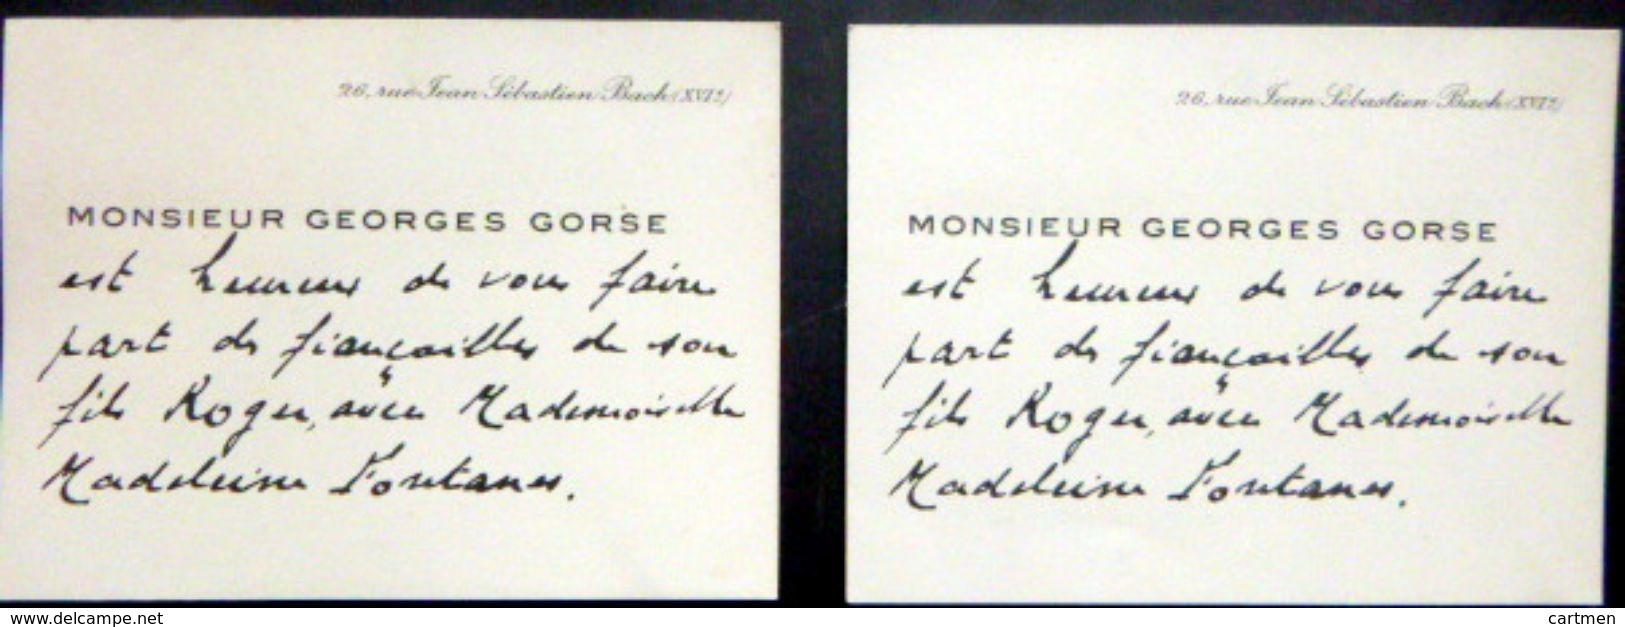 POLITIQUE GORSE CARTE DE VISITE  2 CARTES DE VISITE DE MONSIEUR GEORGES GORSE ANCIEN MINISTRE - Autographes